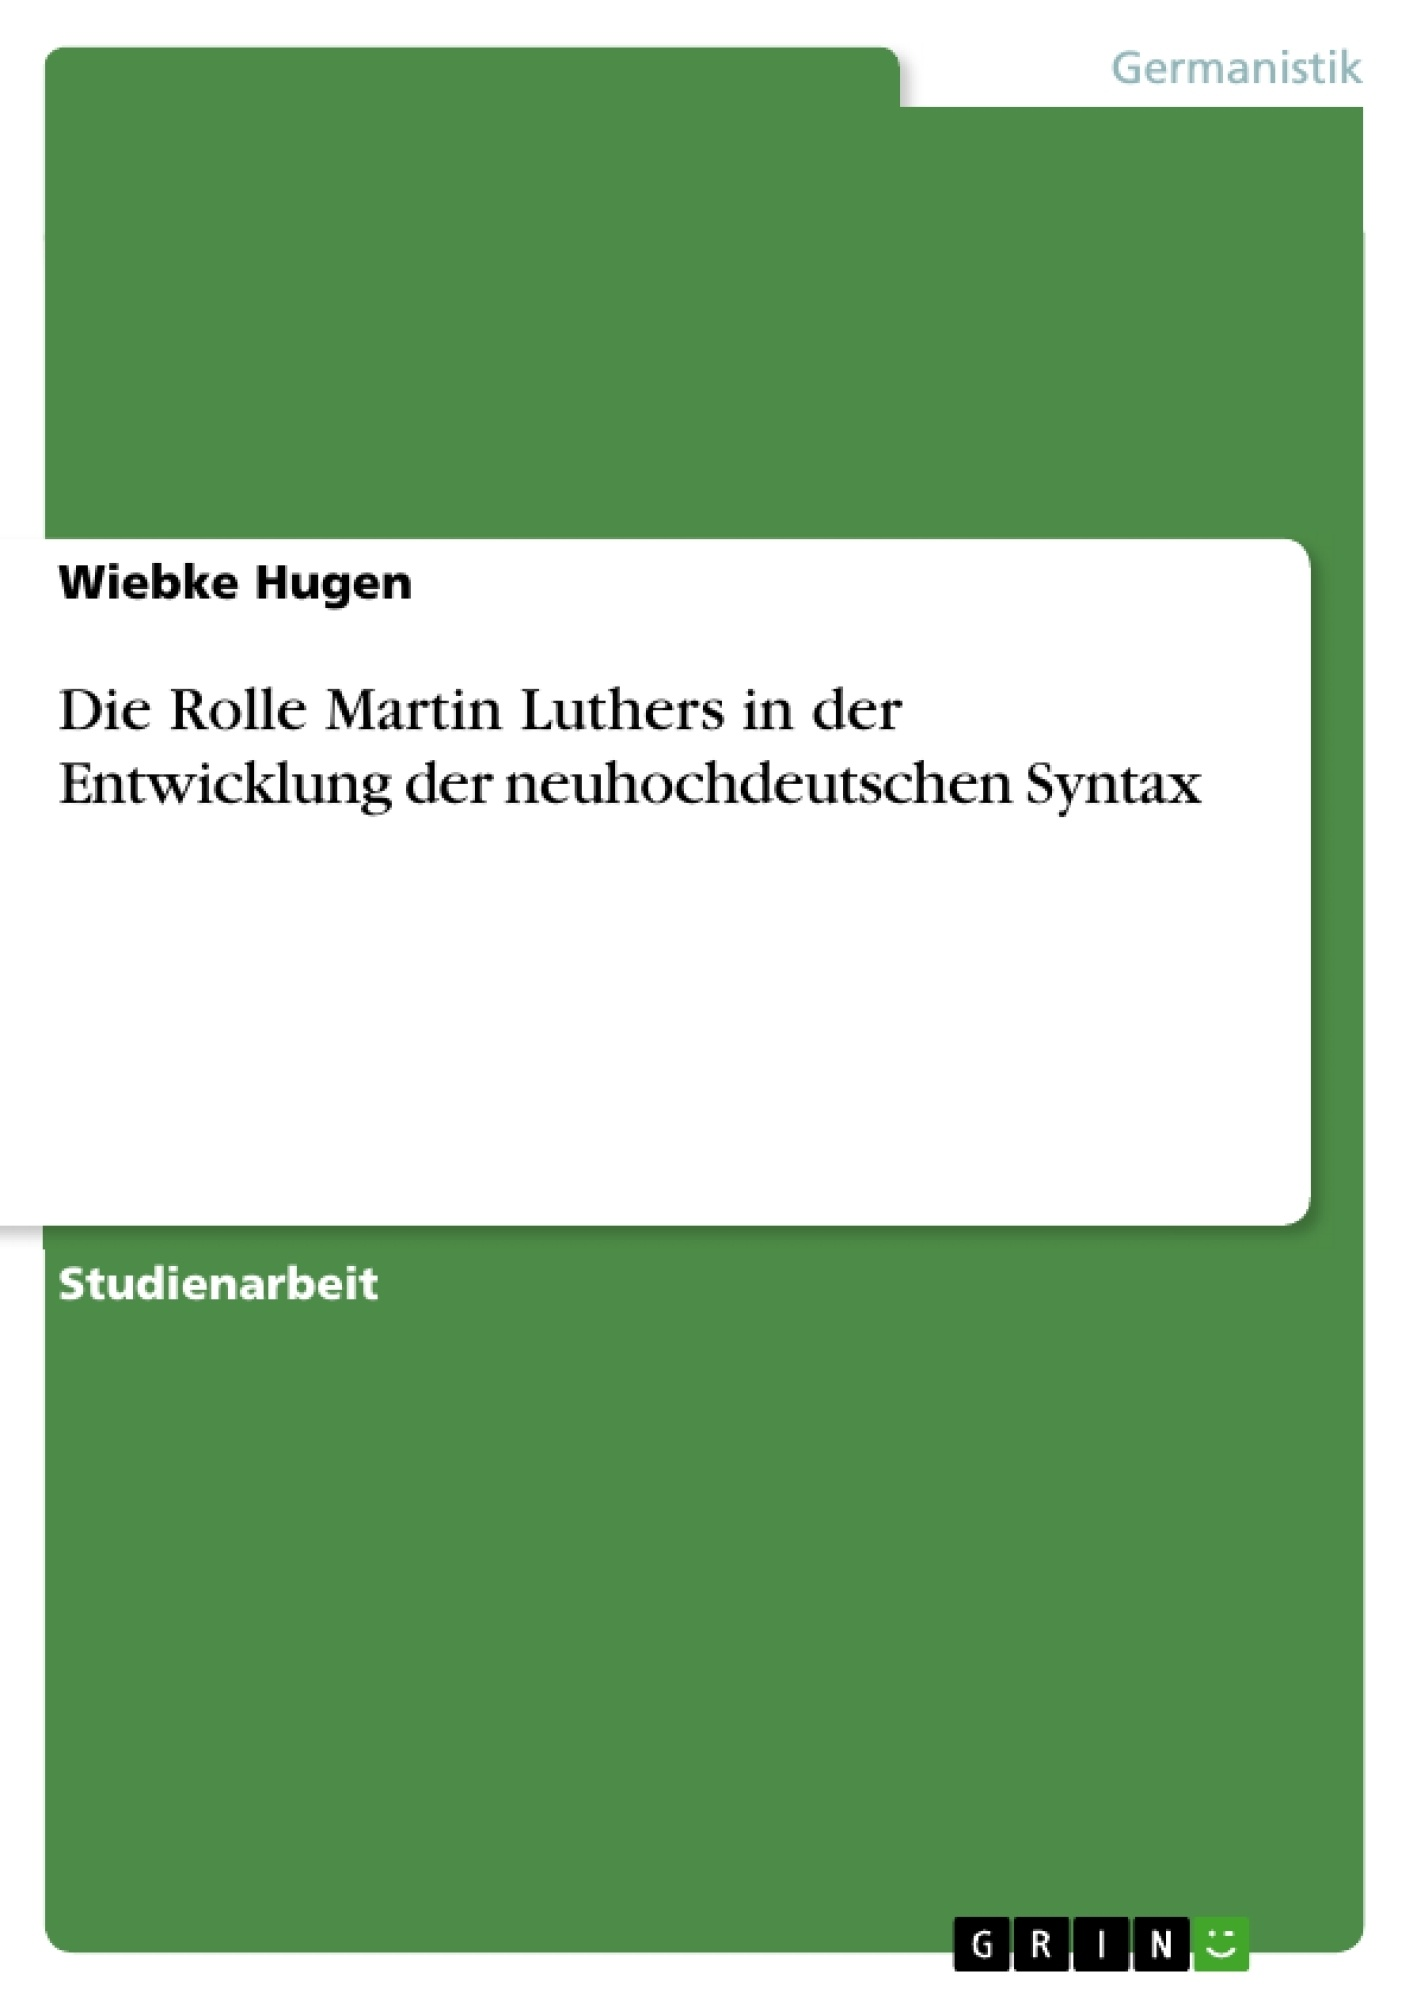 Titel: Die Rolle Martin Luthers in der Entwicklung der neuhochdeutschen Syntax